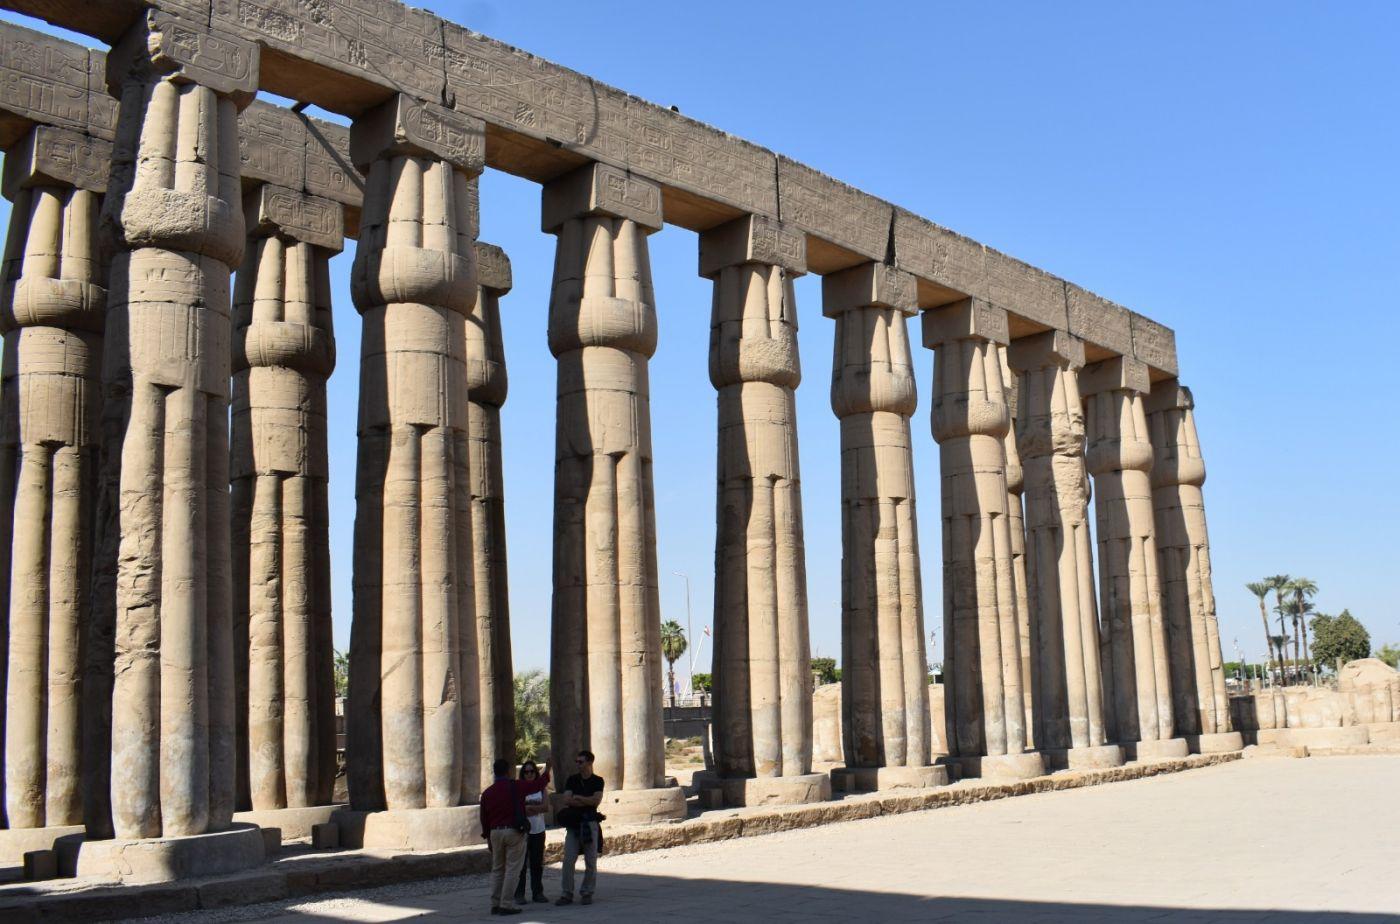 埃德富神庙和卢克索神庙_图1-38